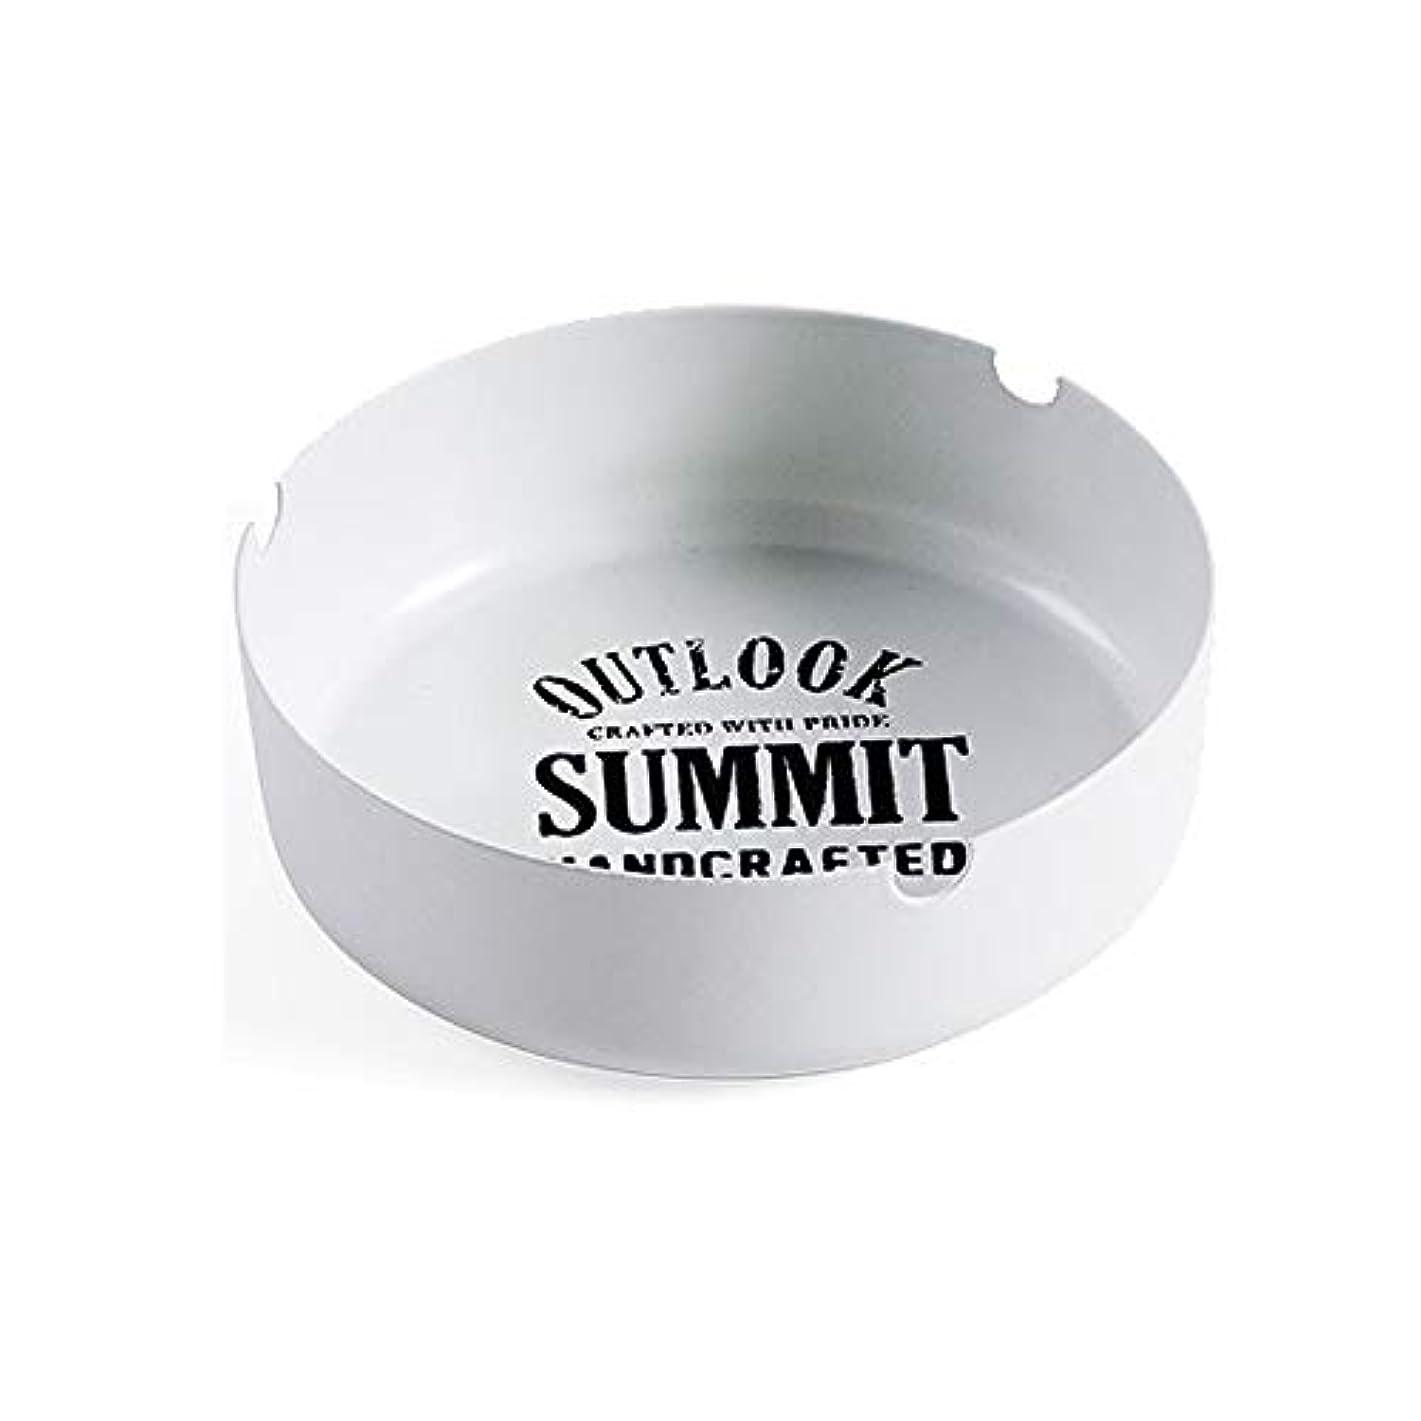 パイント霧バング北欧錬鉄灰皿リビングルームのコーヒーテーブル灰皿クリエイティブミニマリストのホームオフィスファッション人格灰タンク (色 : 白)